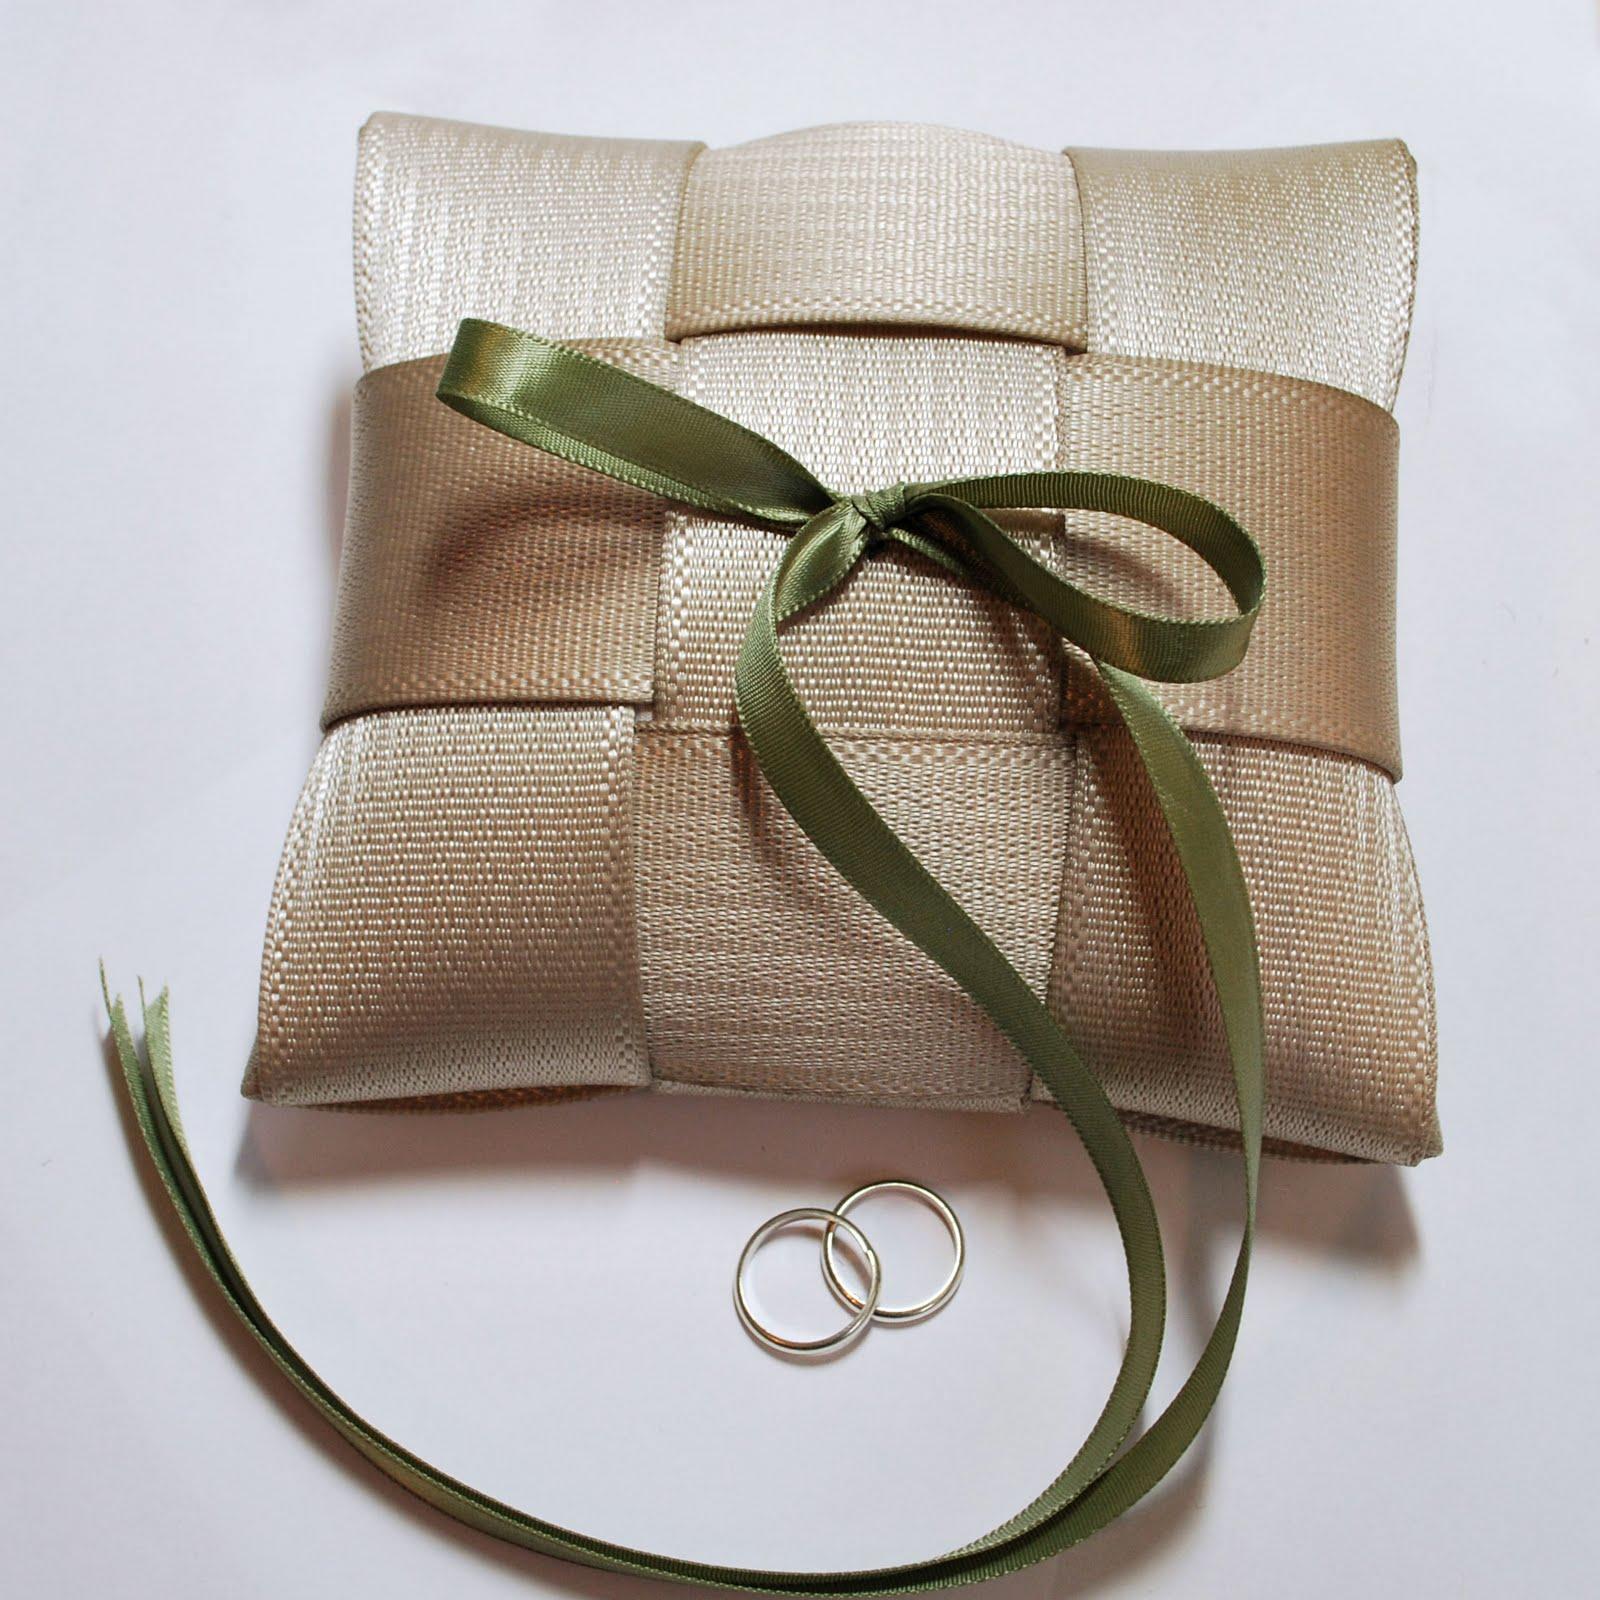 alamode stuff seatbelt ring bearer pillow adds a personal